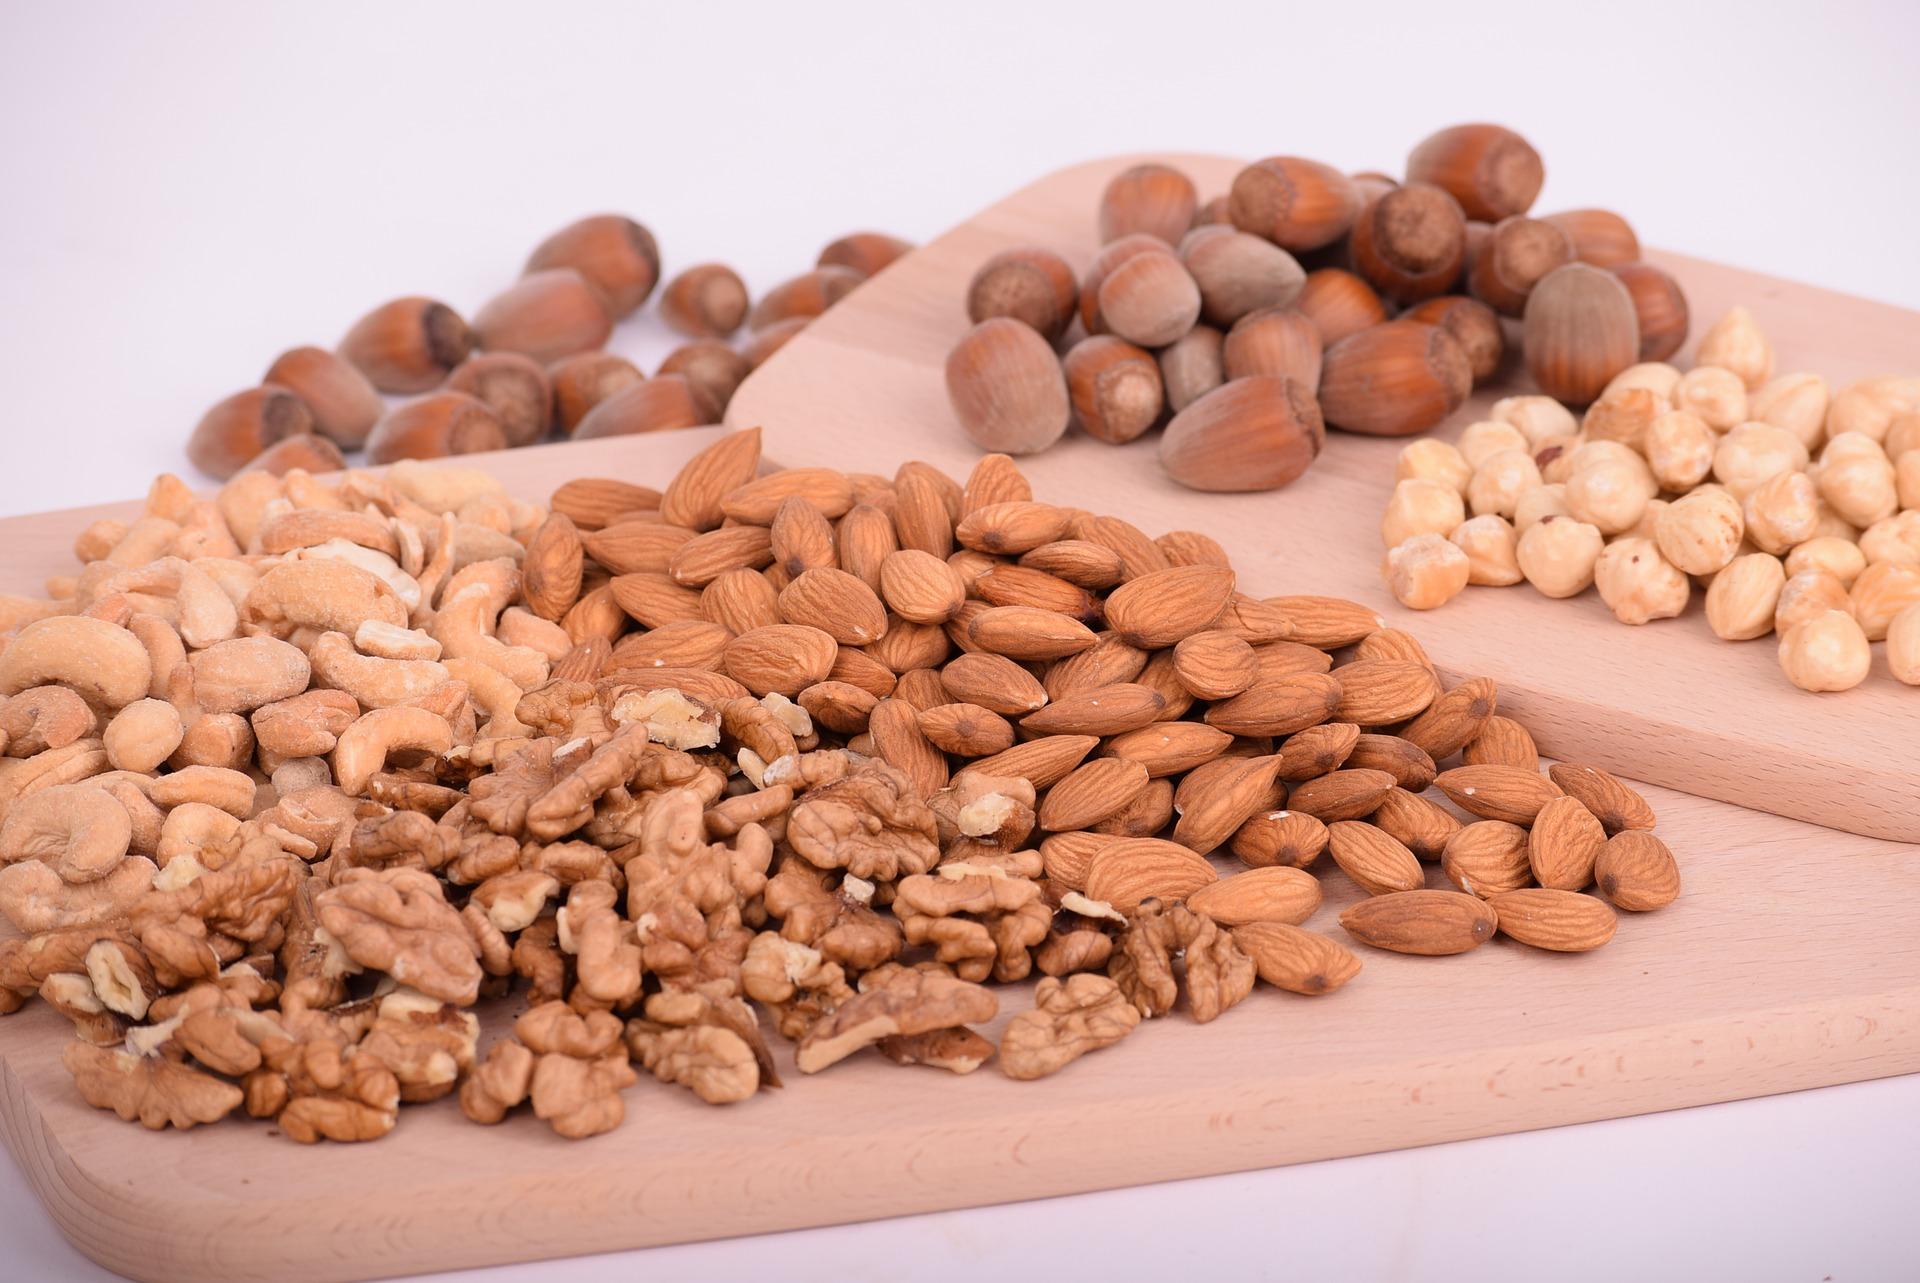 Les noix améliorent la fertilité masculine